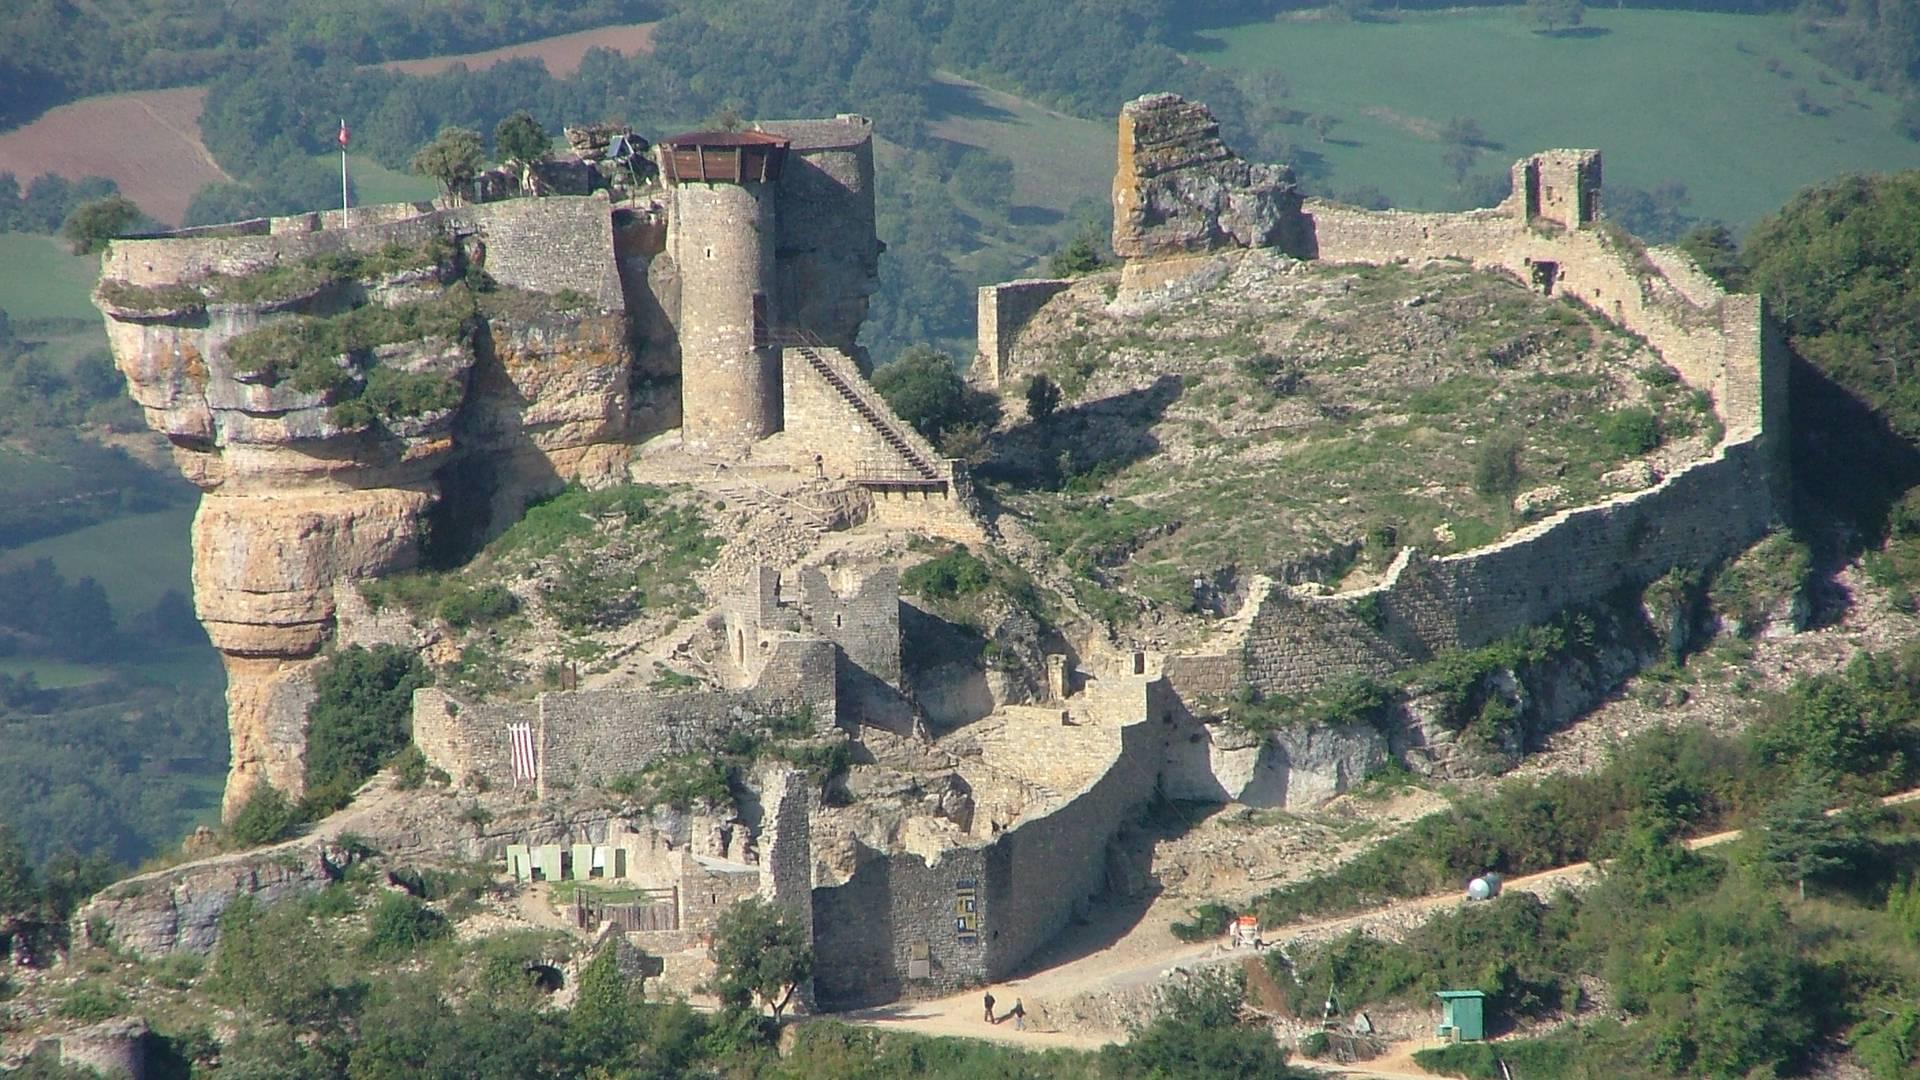 Vue du ciel du chateau Peyrelade